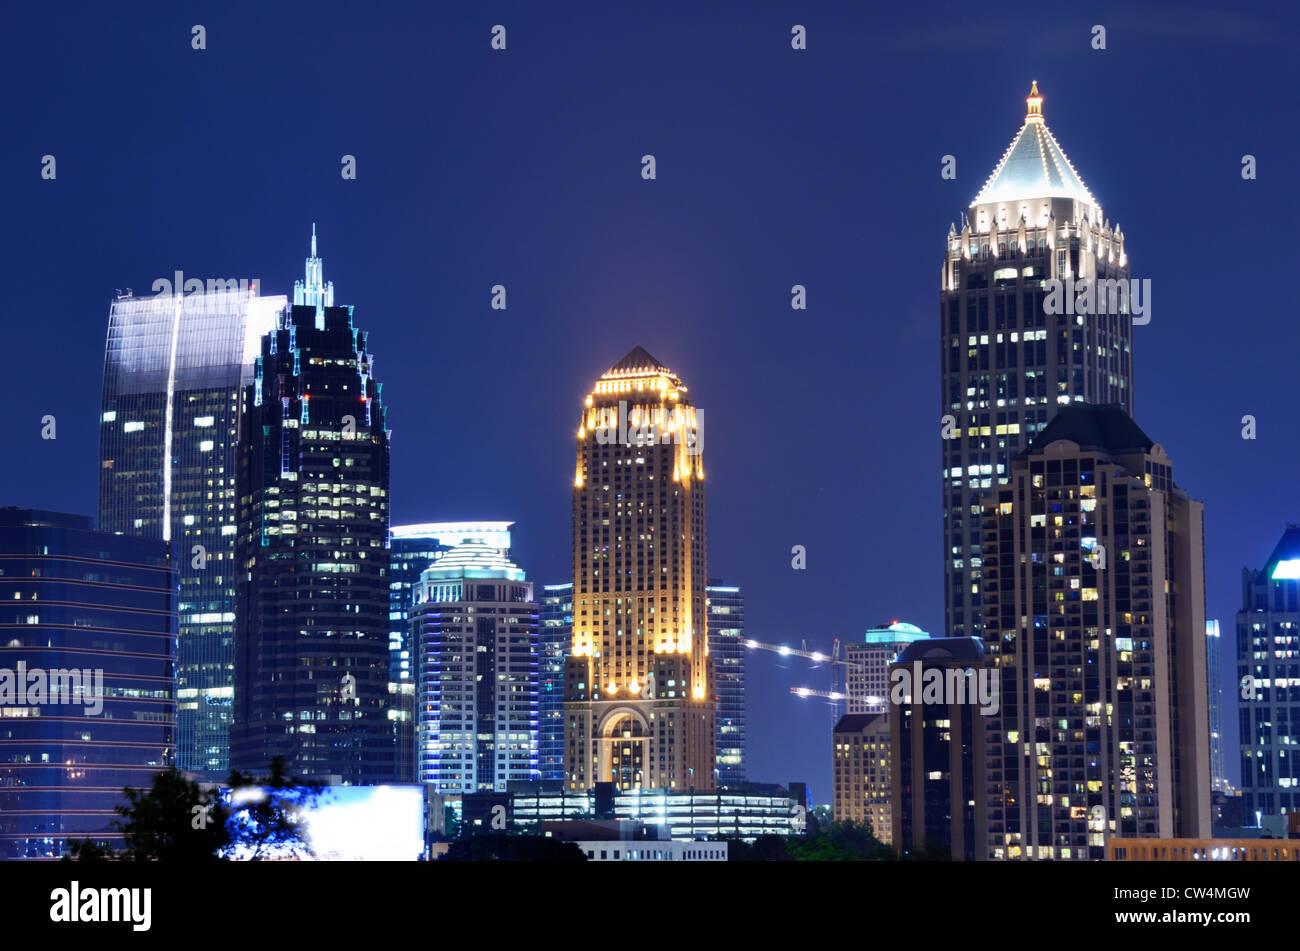 Skyline of Midtown Atlanta, Georgia, USA. - Stock Image